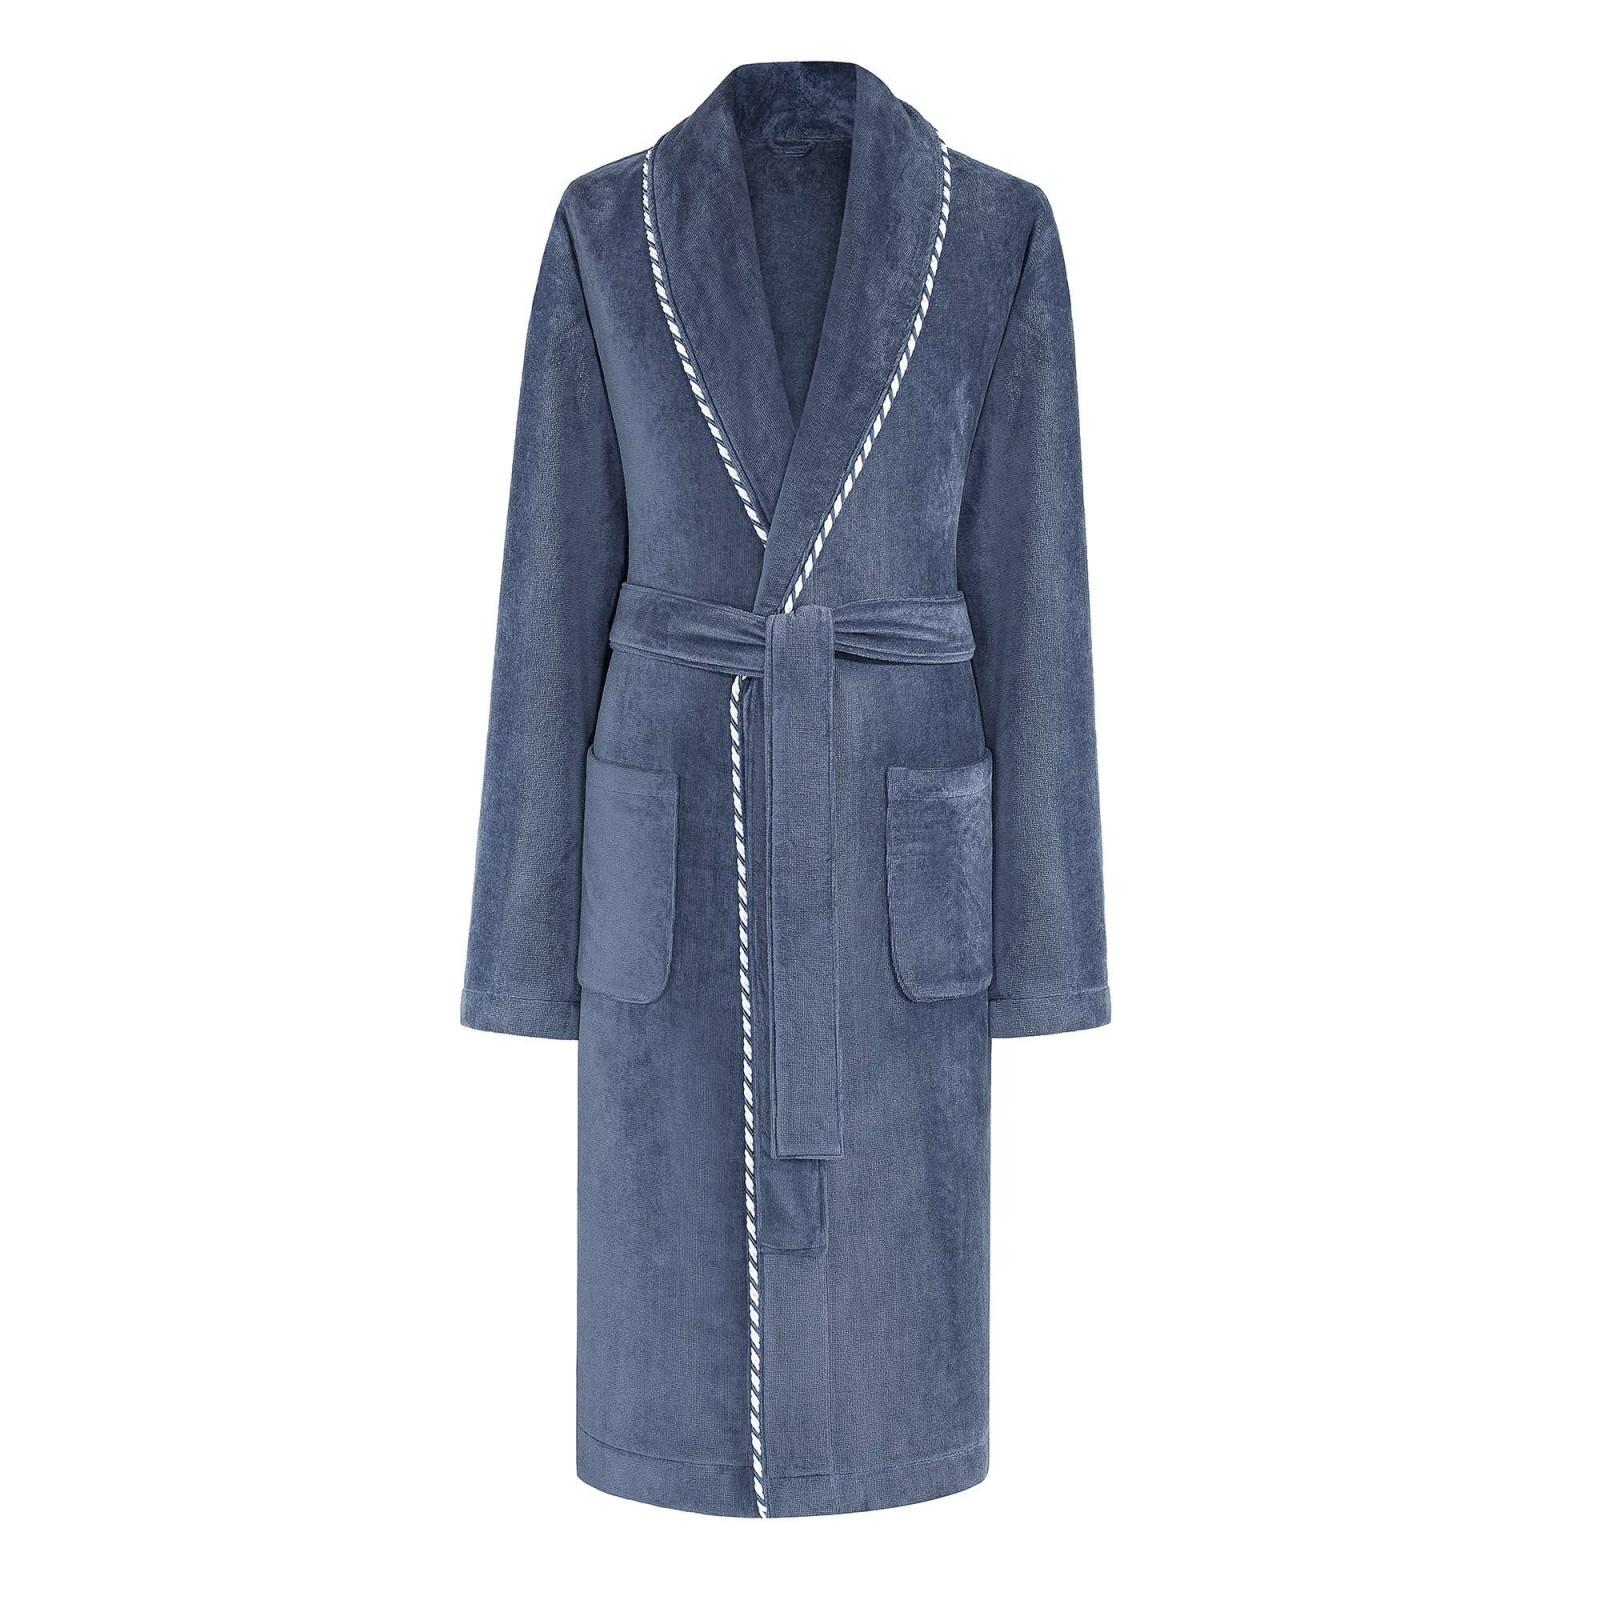 Сауны, бани и оборудование Togas Халат Роберт Цвет: Синий (xL) togas халат мужской конолли